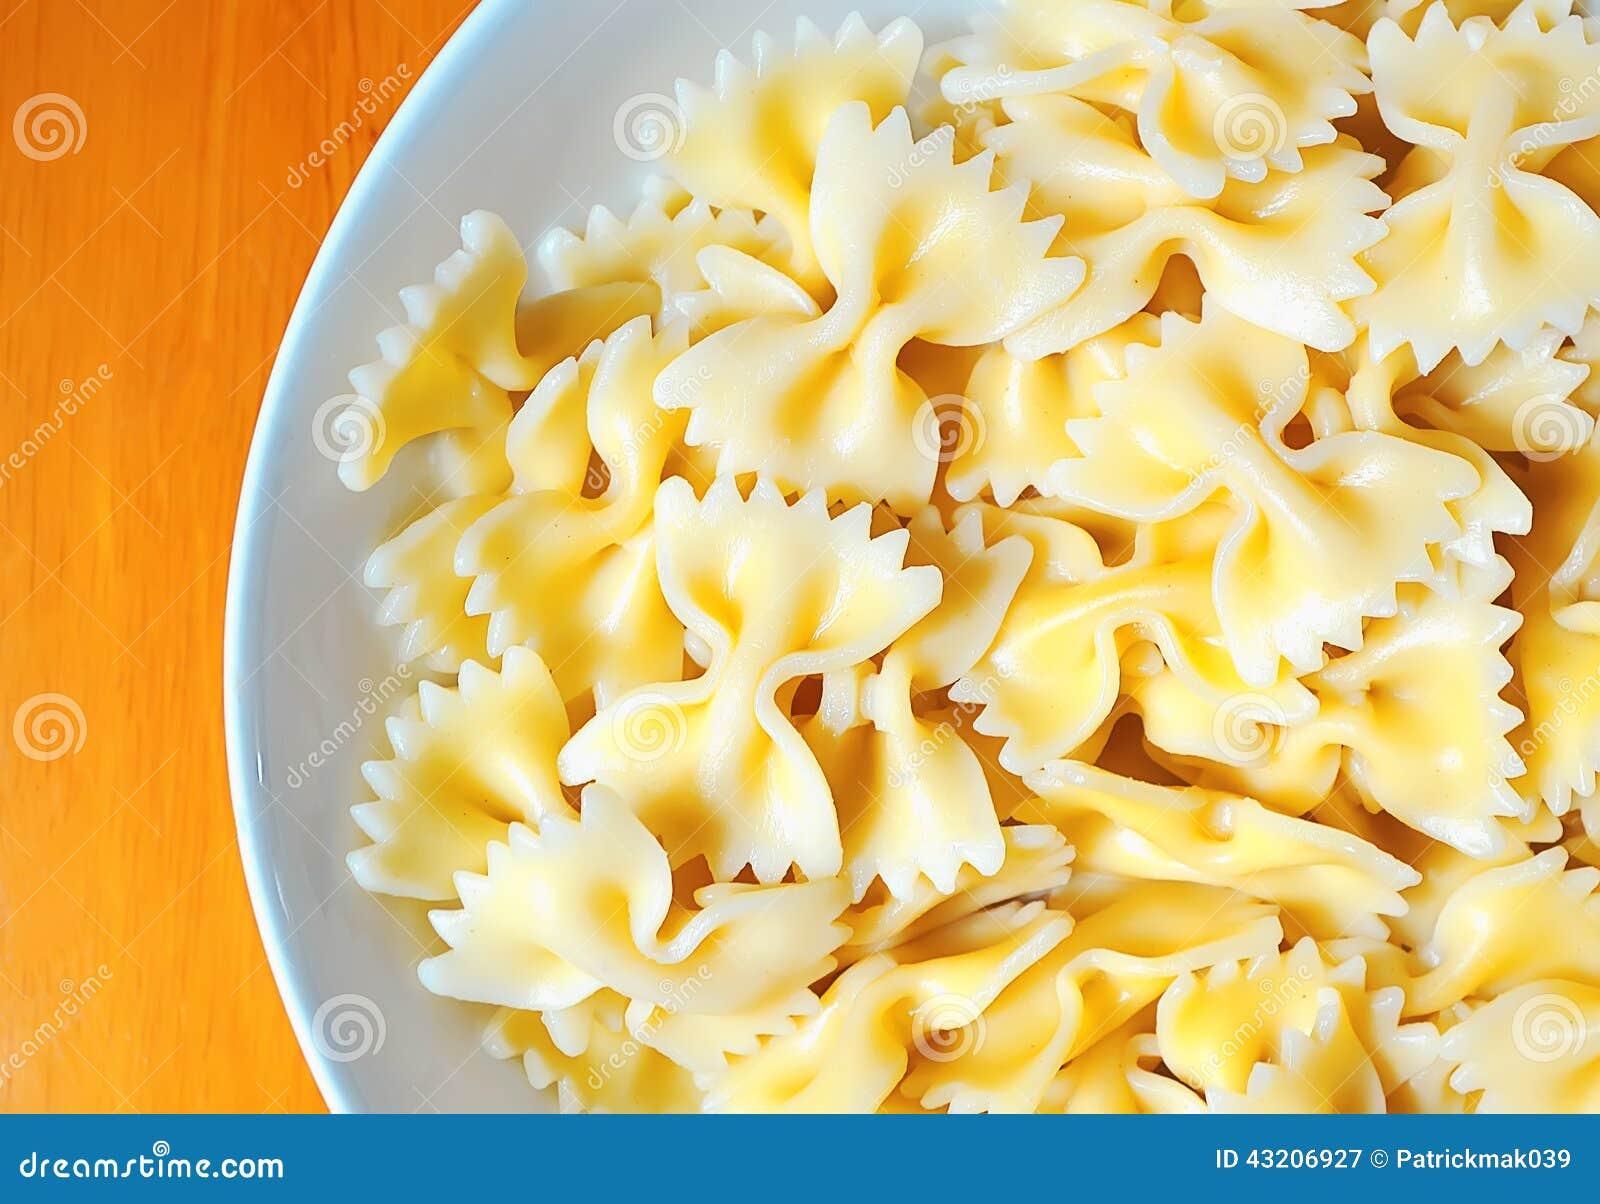 Download Farfalle pasta fotografering för bildbyråer. Bild av italienare - 43206927